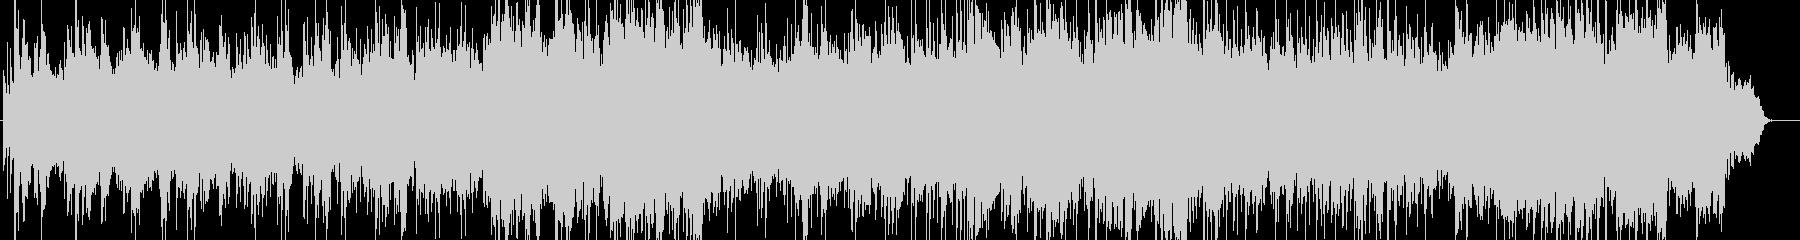 ピアノとケーナの爽やかな音楽の未再生の波形